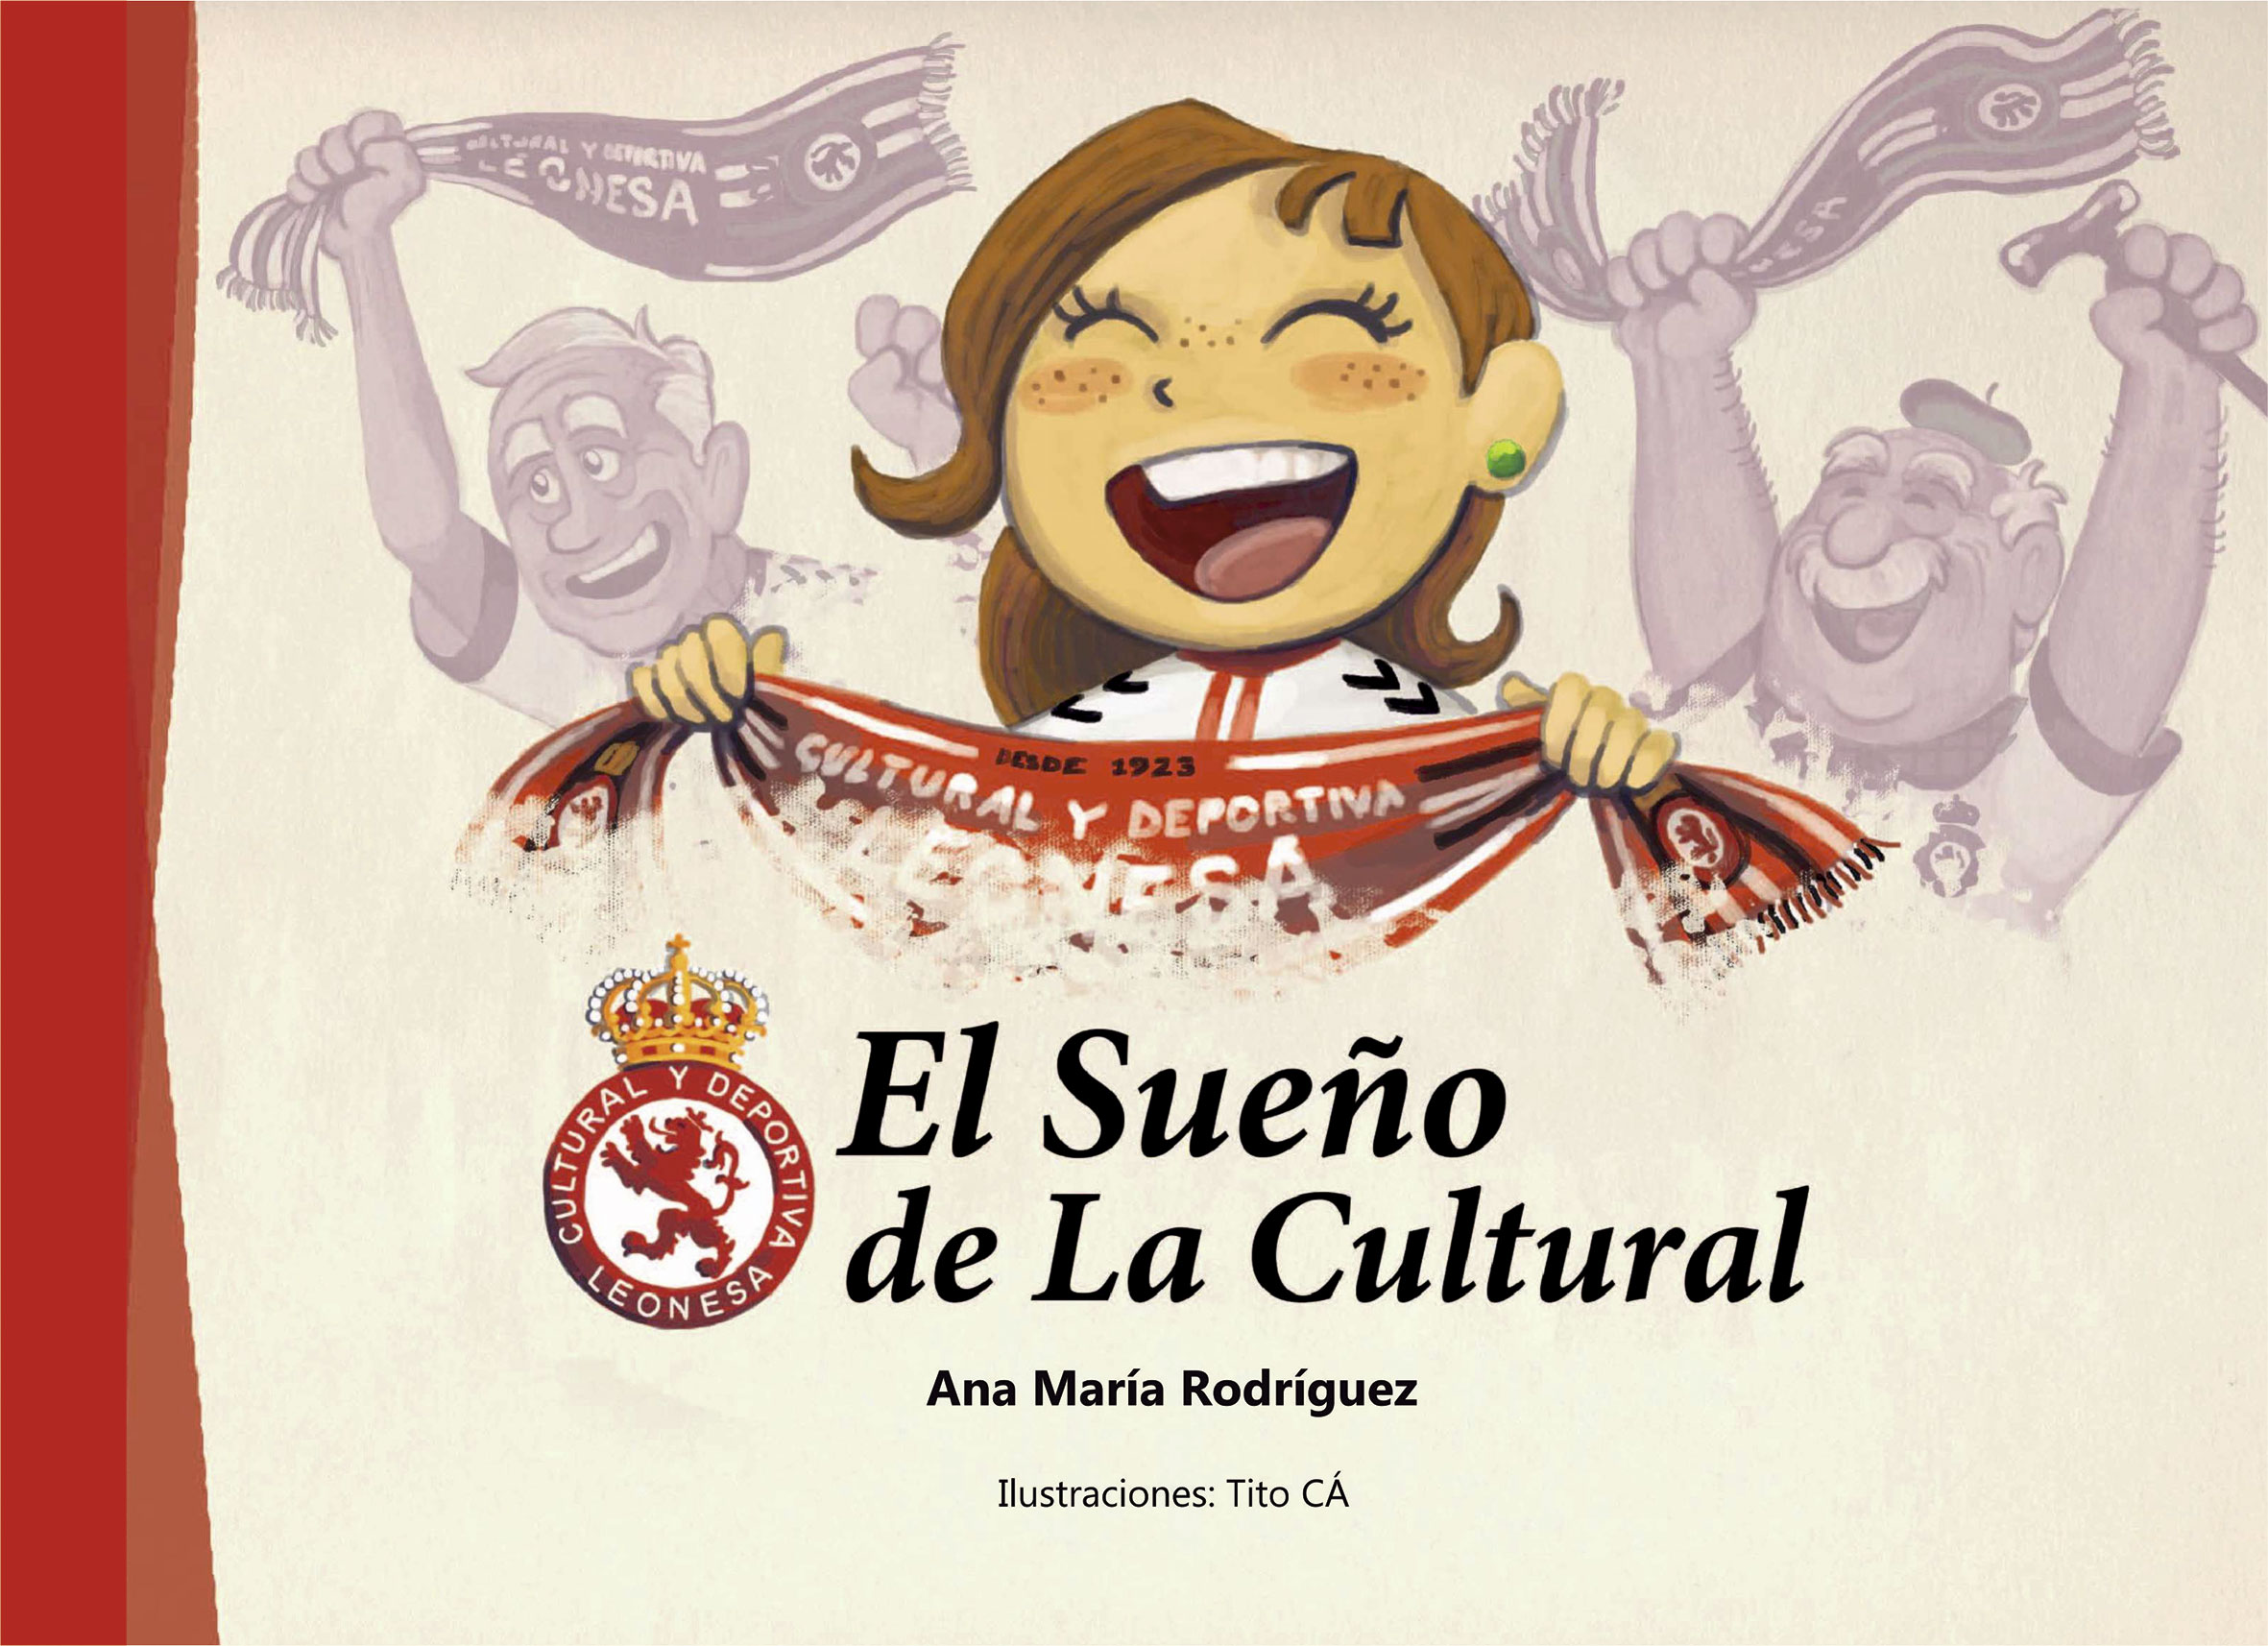 El Sueño de la Cultural